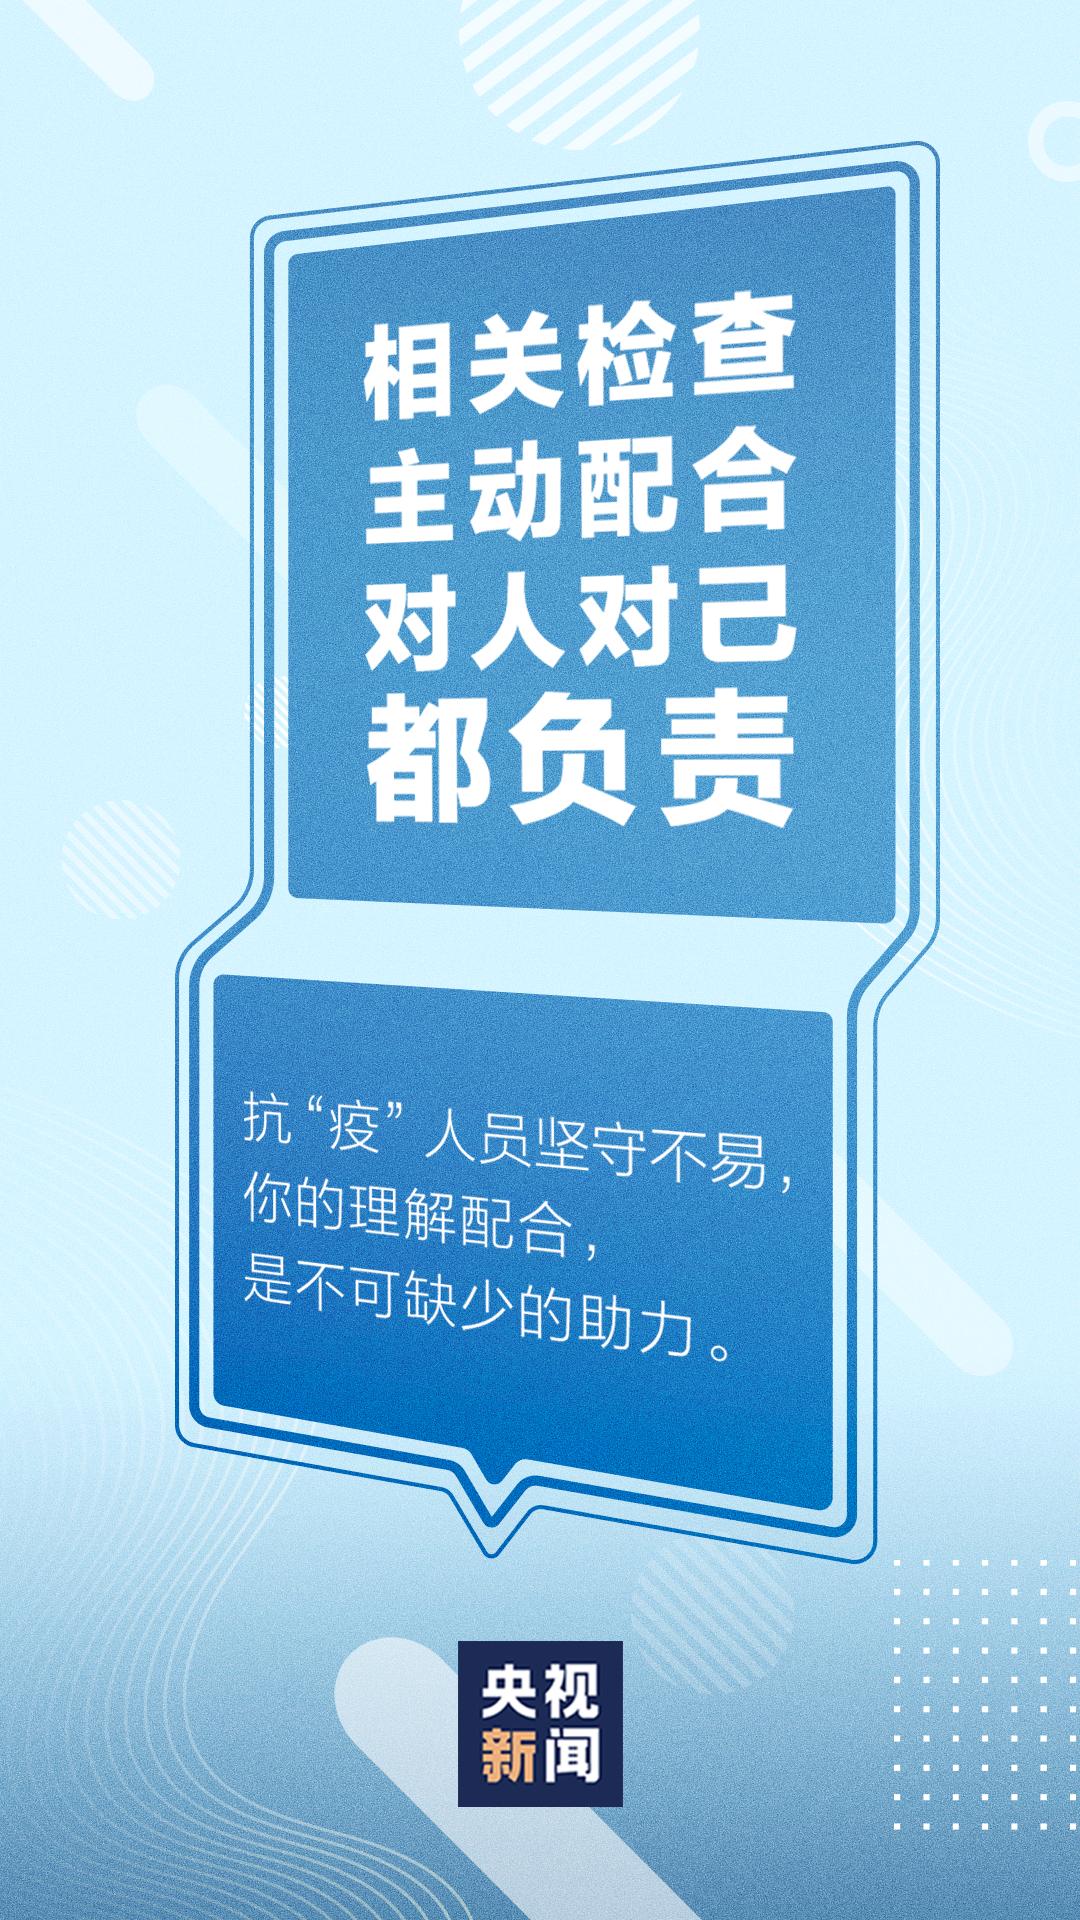 海螺火泥提名张晓枯为自力非履行董事候选人